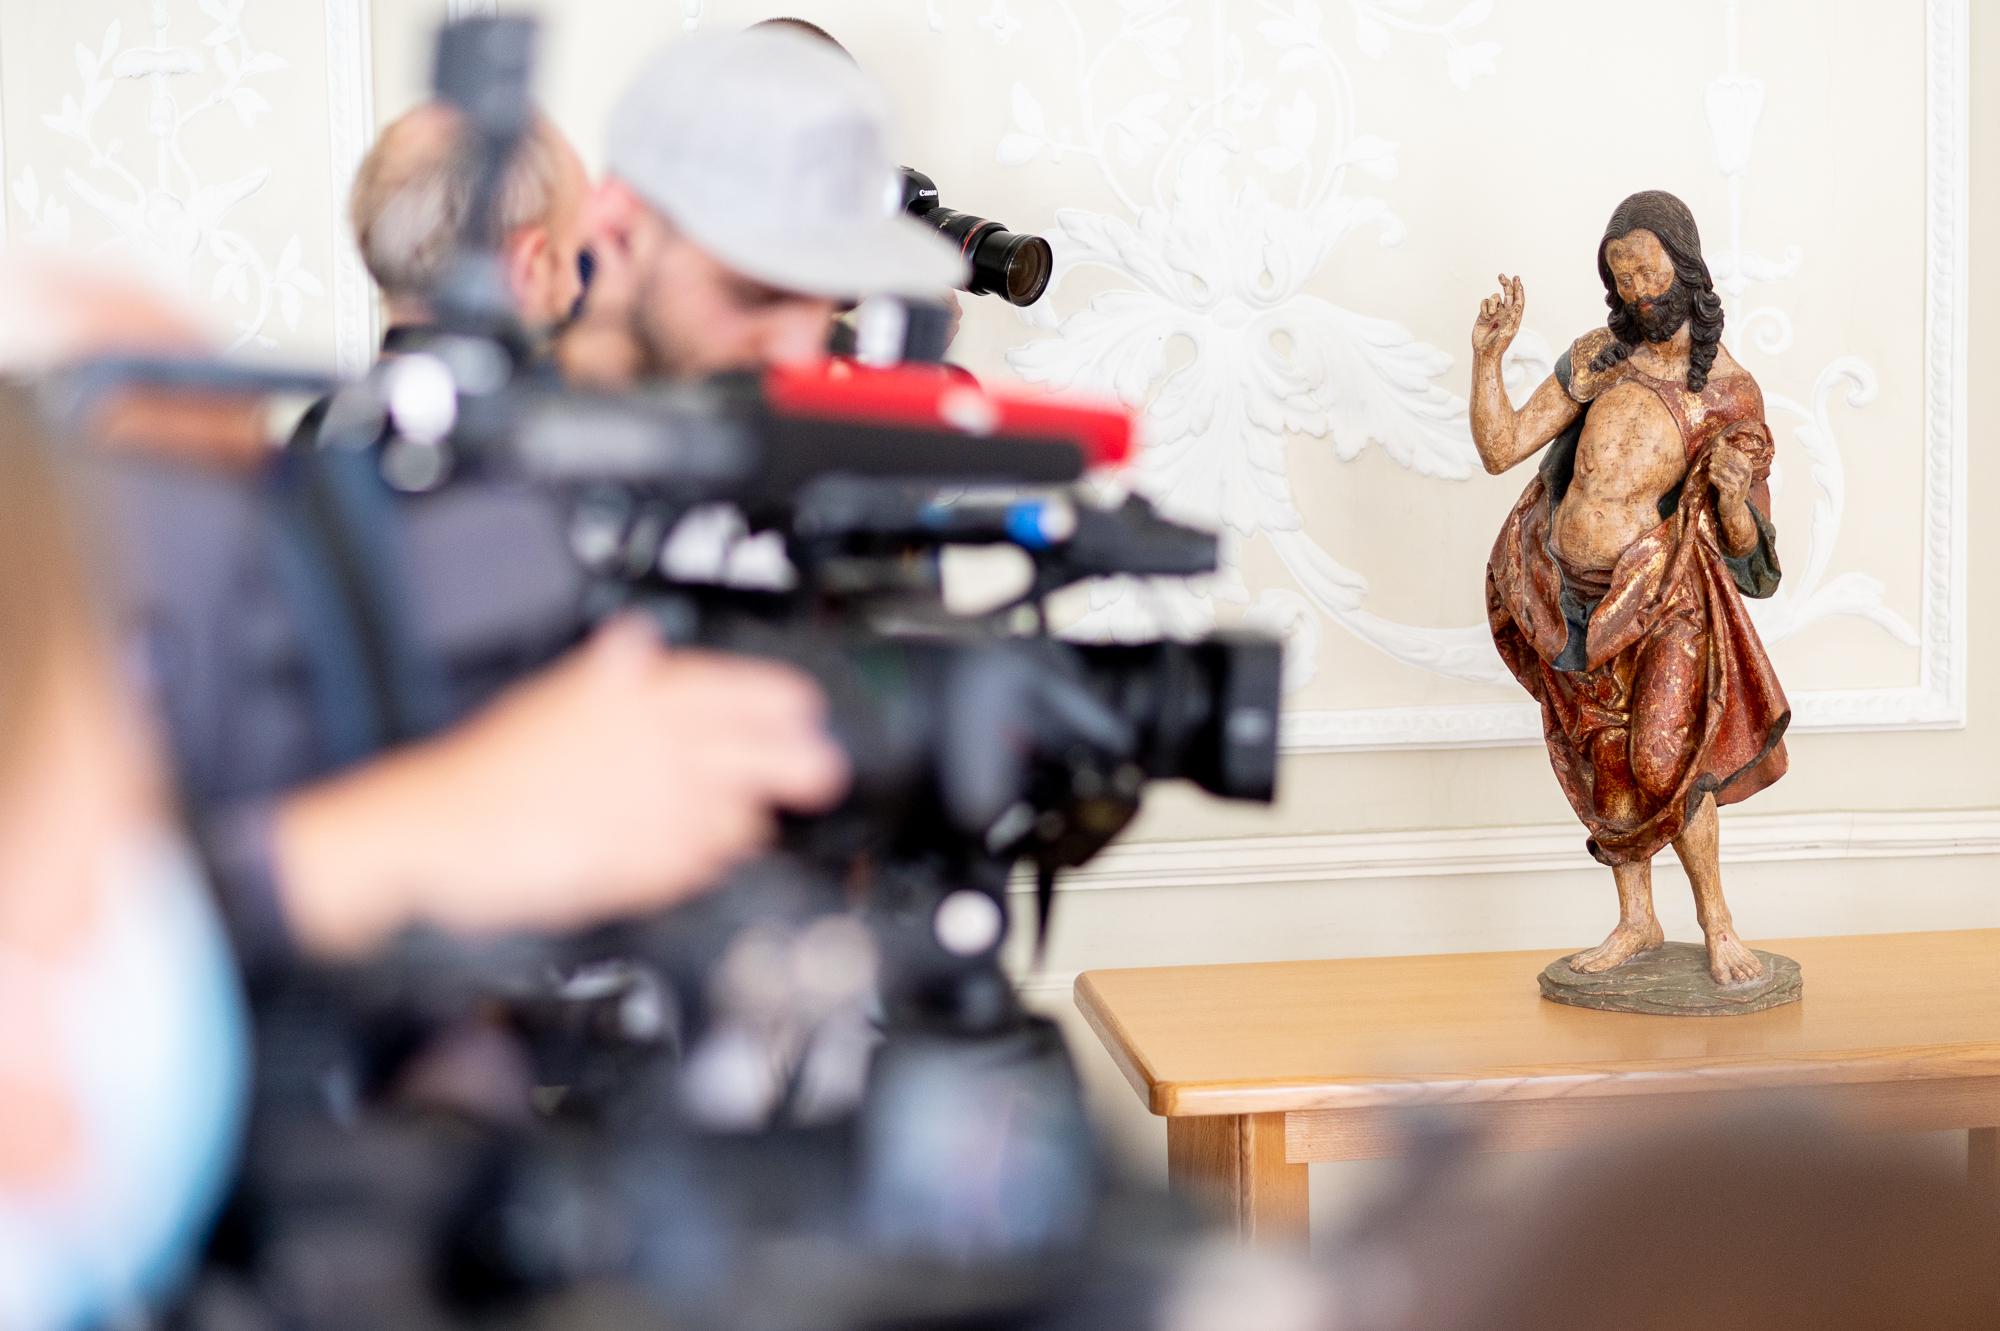 Skulptūra stovi ant stalo.